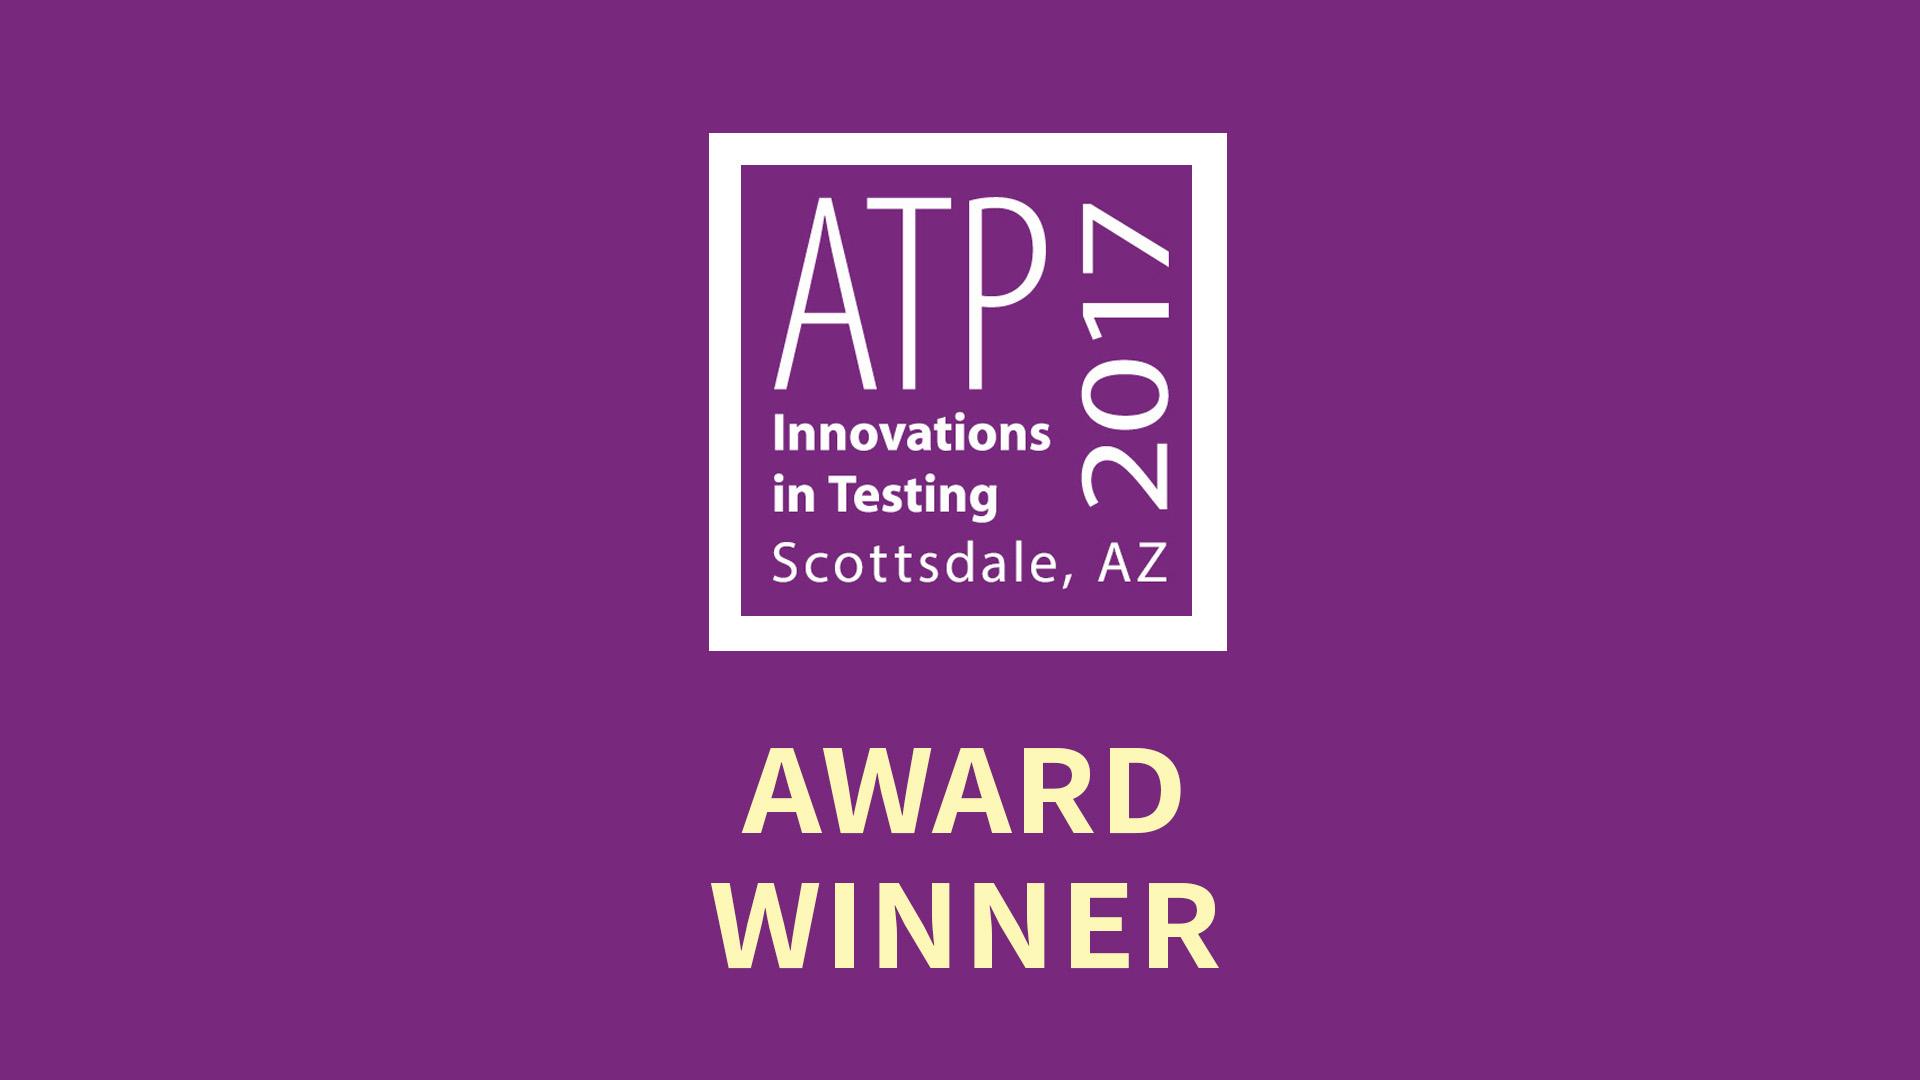 ATP 2017 Innovations in Testing - Award Winner Surpass